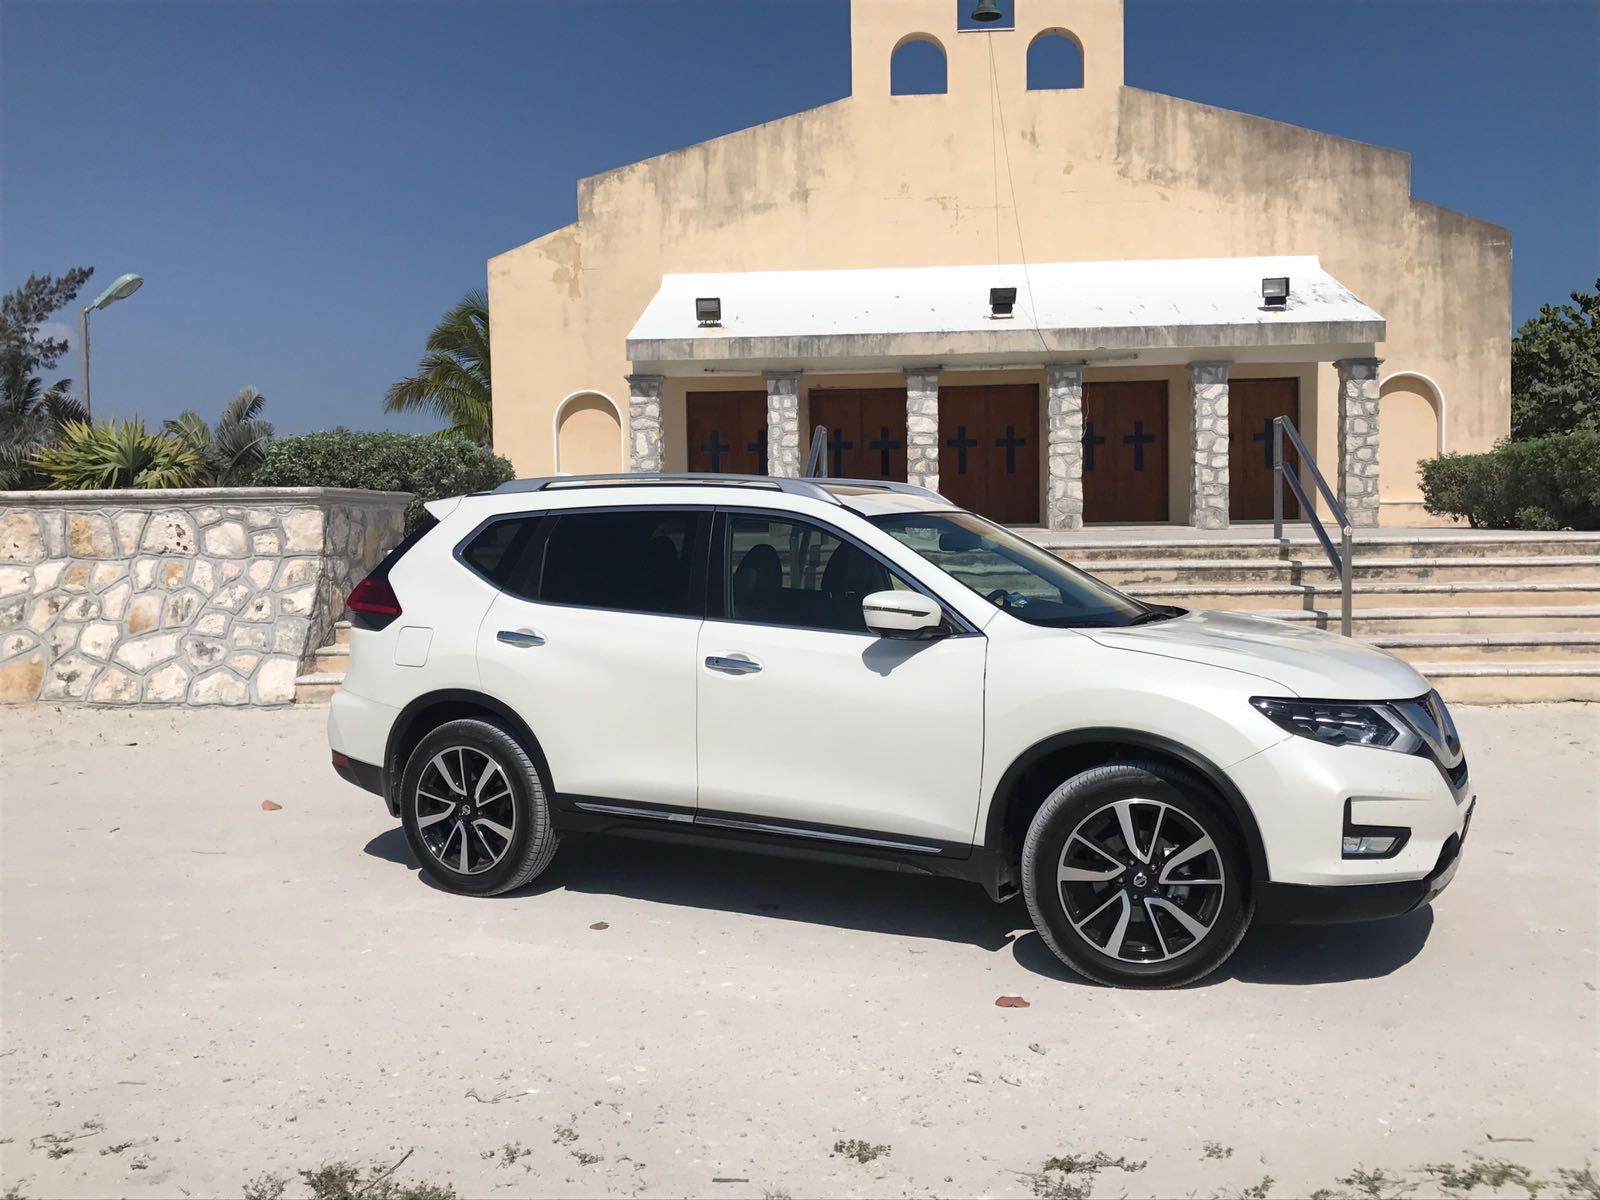 playa2_Nissan_xtrail_2018_las_salinitas_las_coloradas_Merida_coche